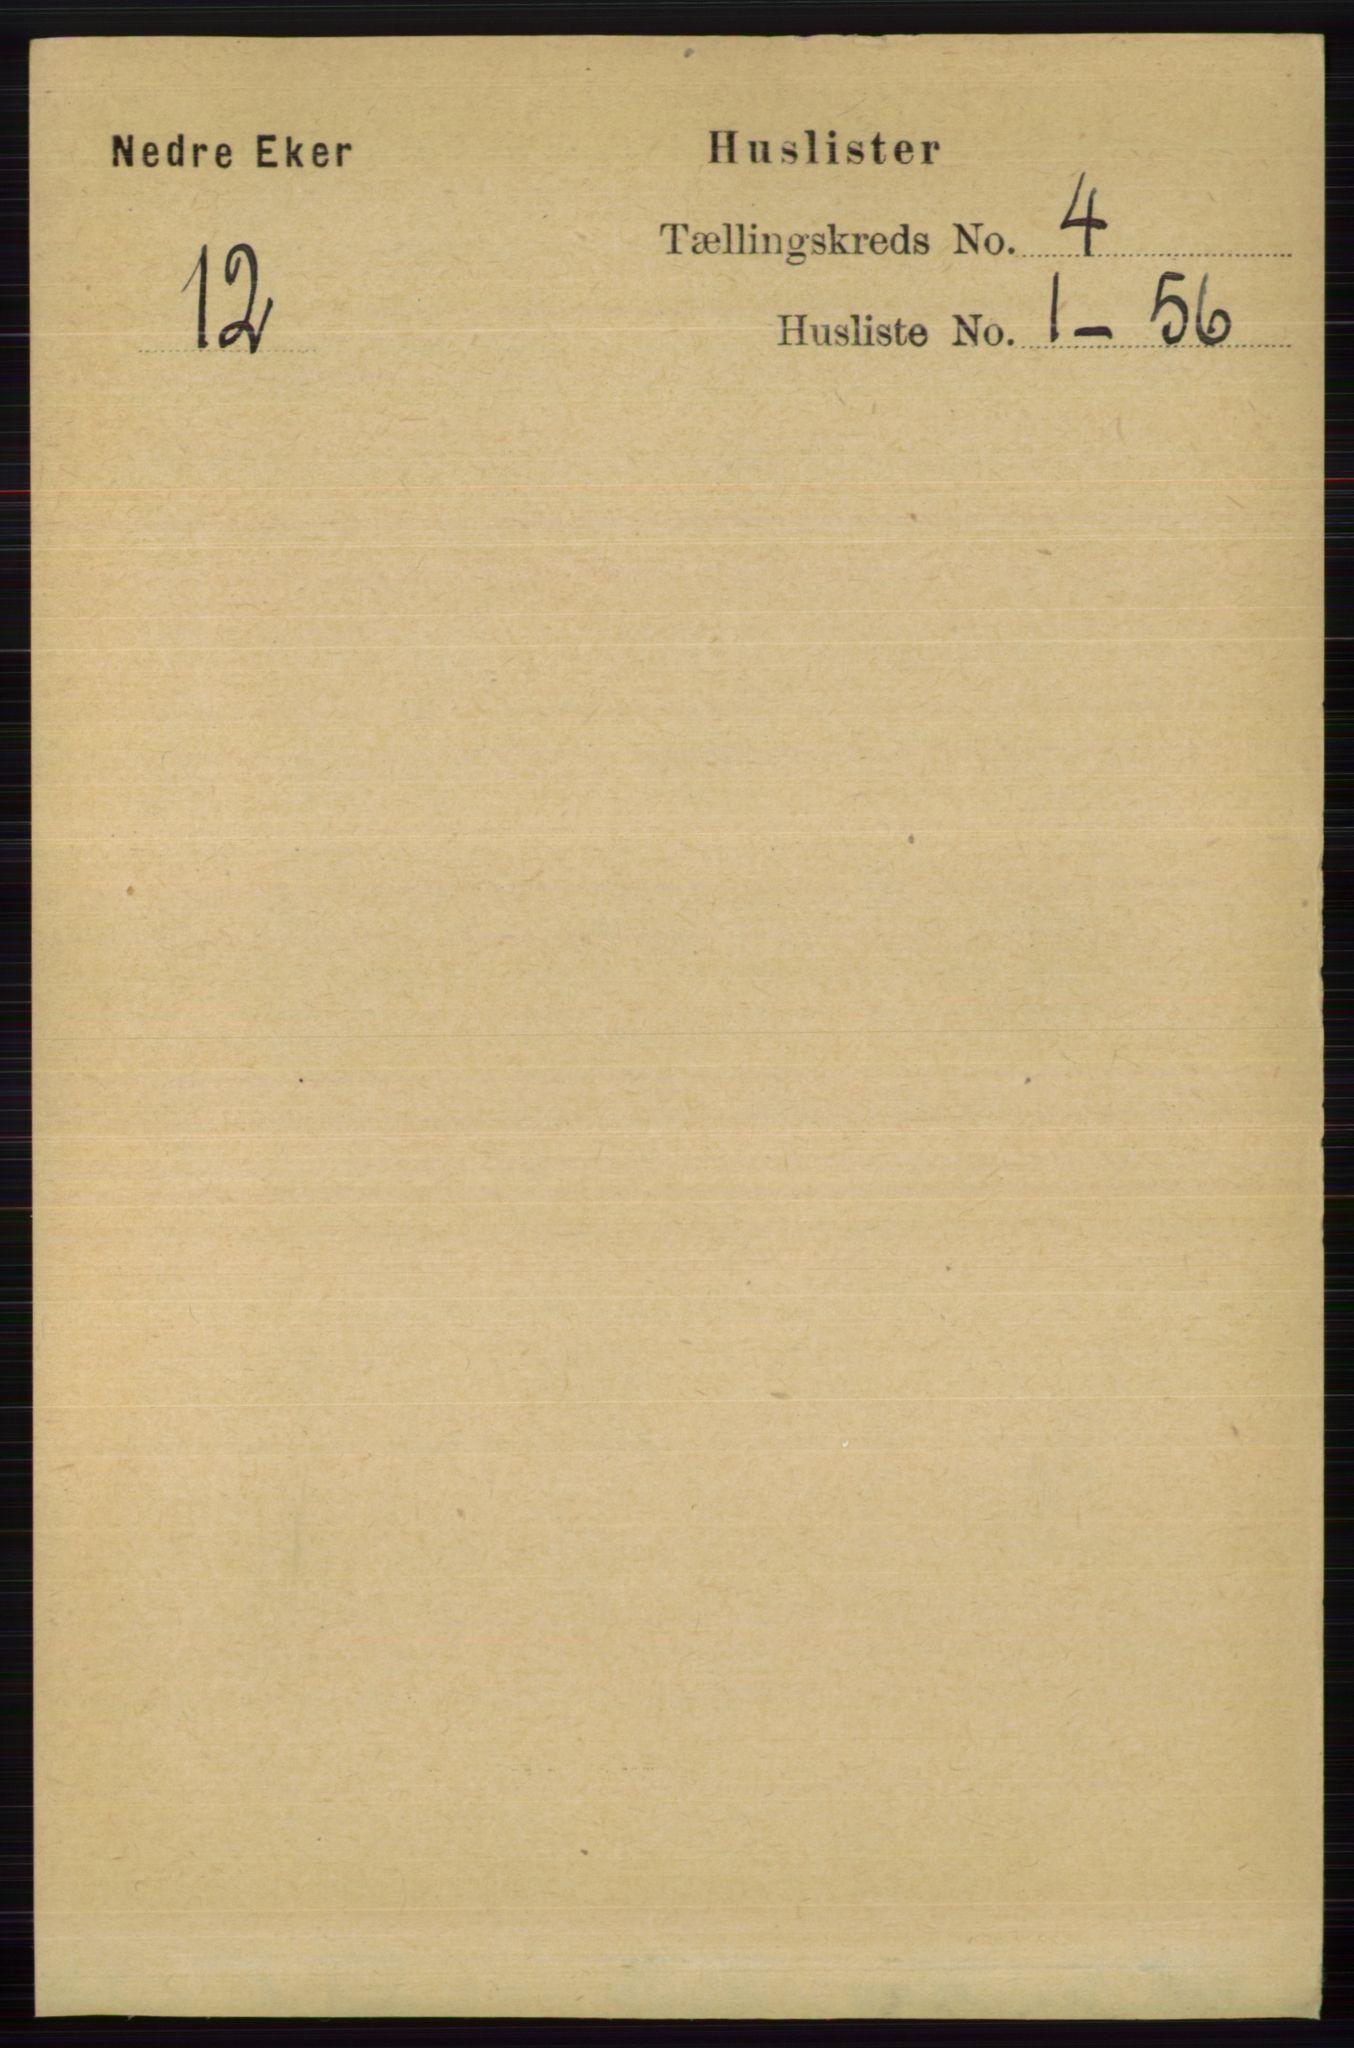 RA, Folketelling 1891 for 0625 Nedre Eiker herred, 1891, s. 1882